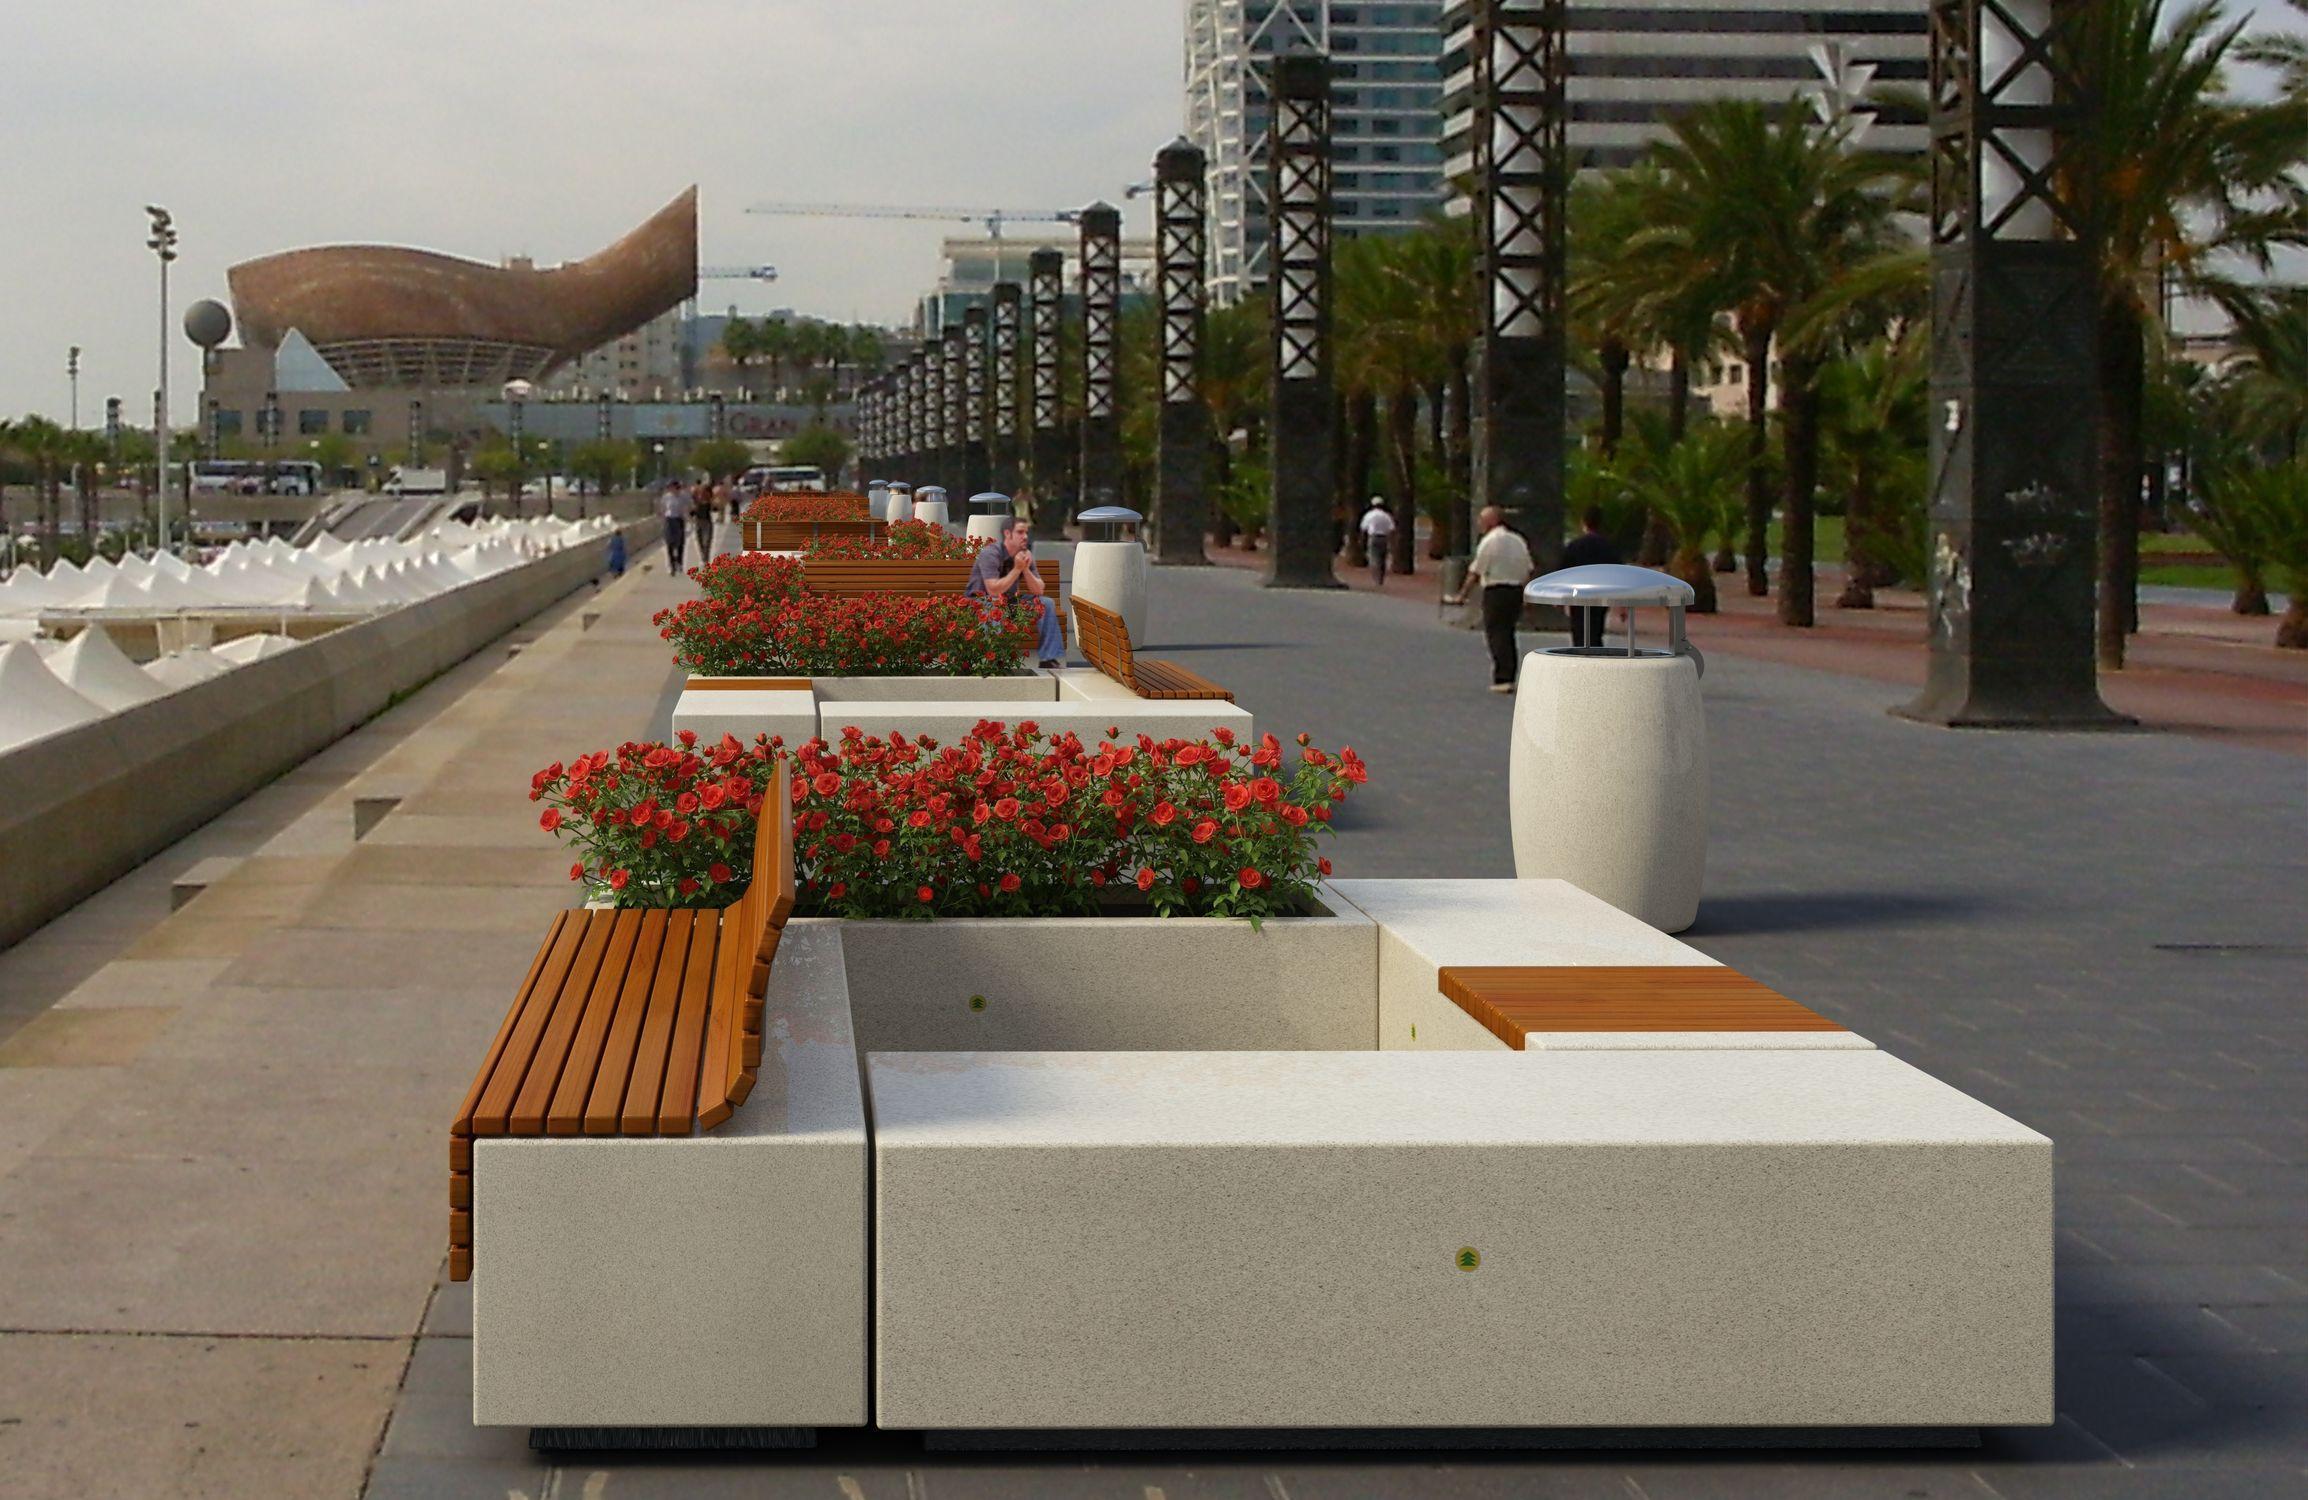 El m rmol decorativo y mobiliario urbano todo sobre m rmol for Ejemplos de mobiliario urbano